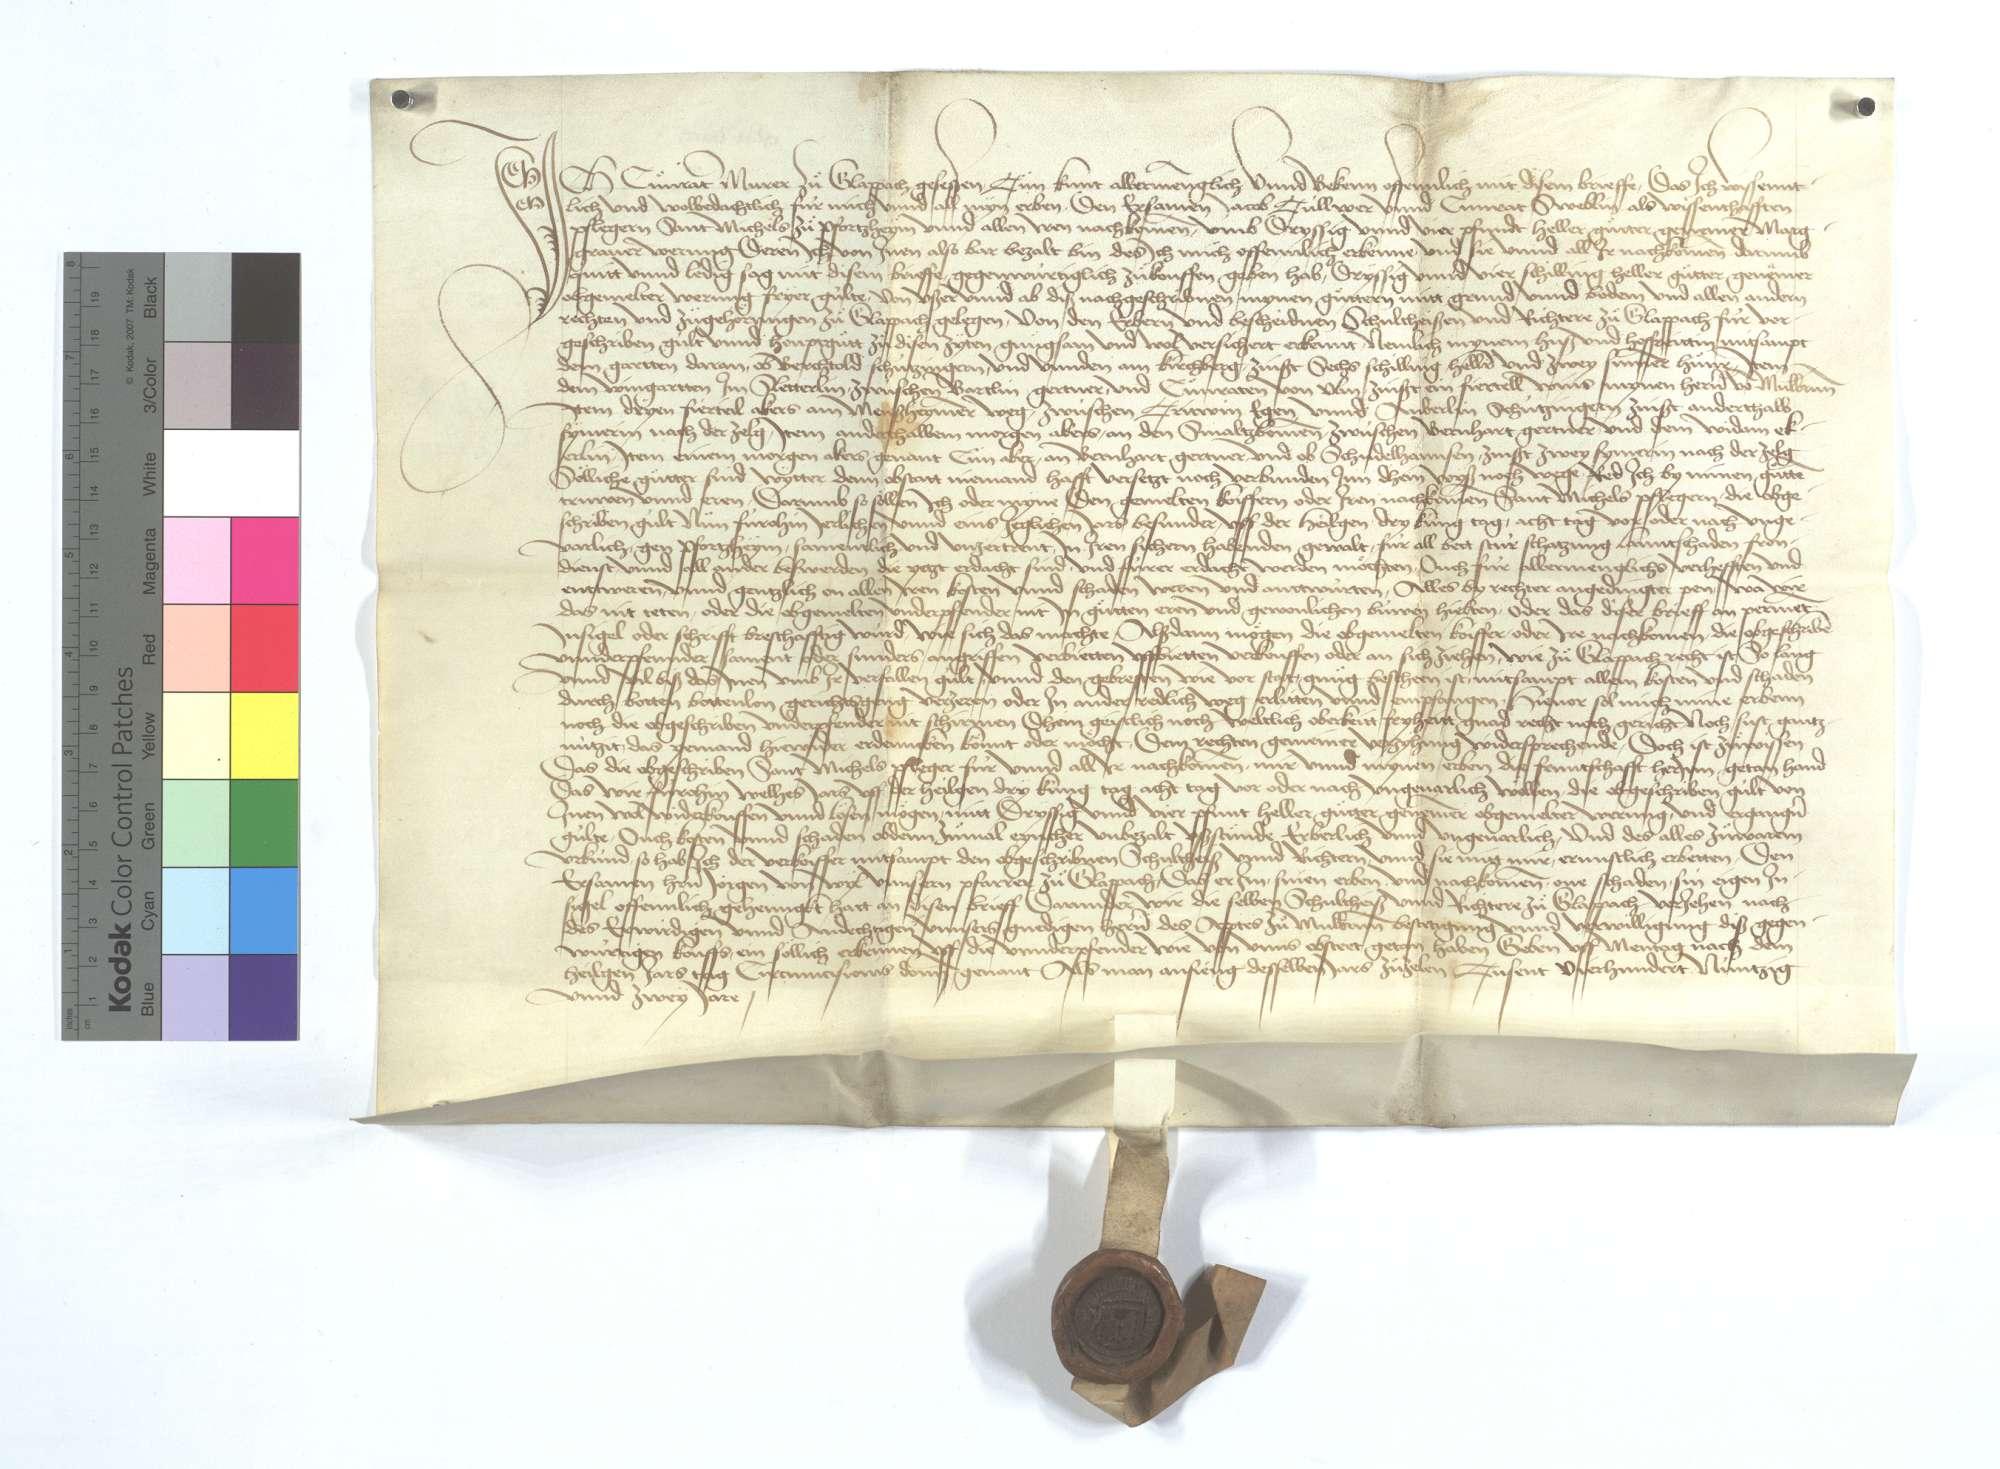 Gültbrief des Conrad Murer von Glattbach (Glappach) gegen das St. Michaelsstift in Pforzheim., Text